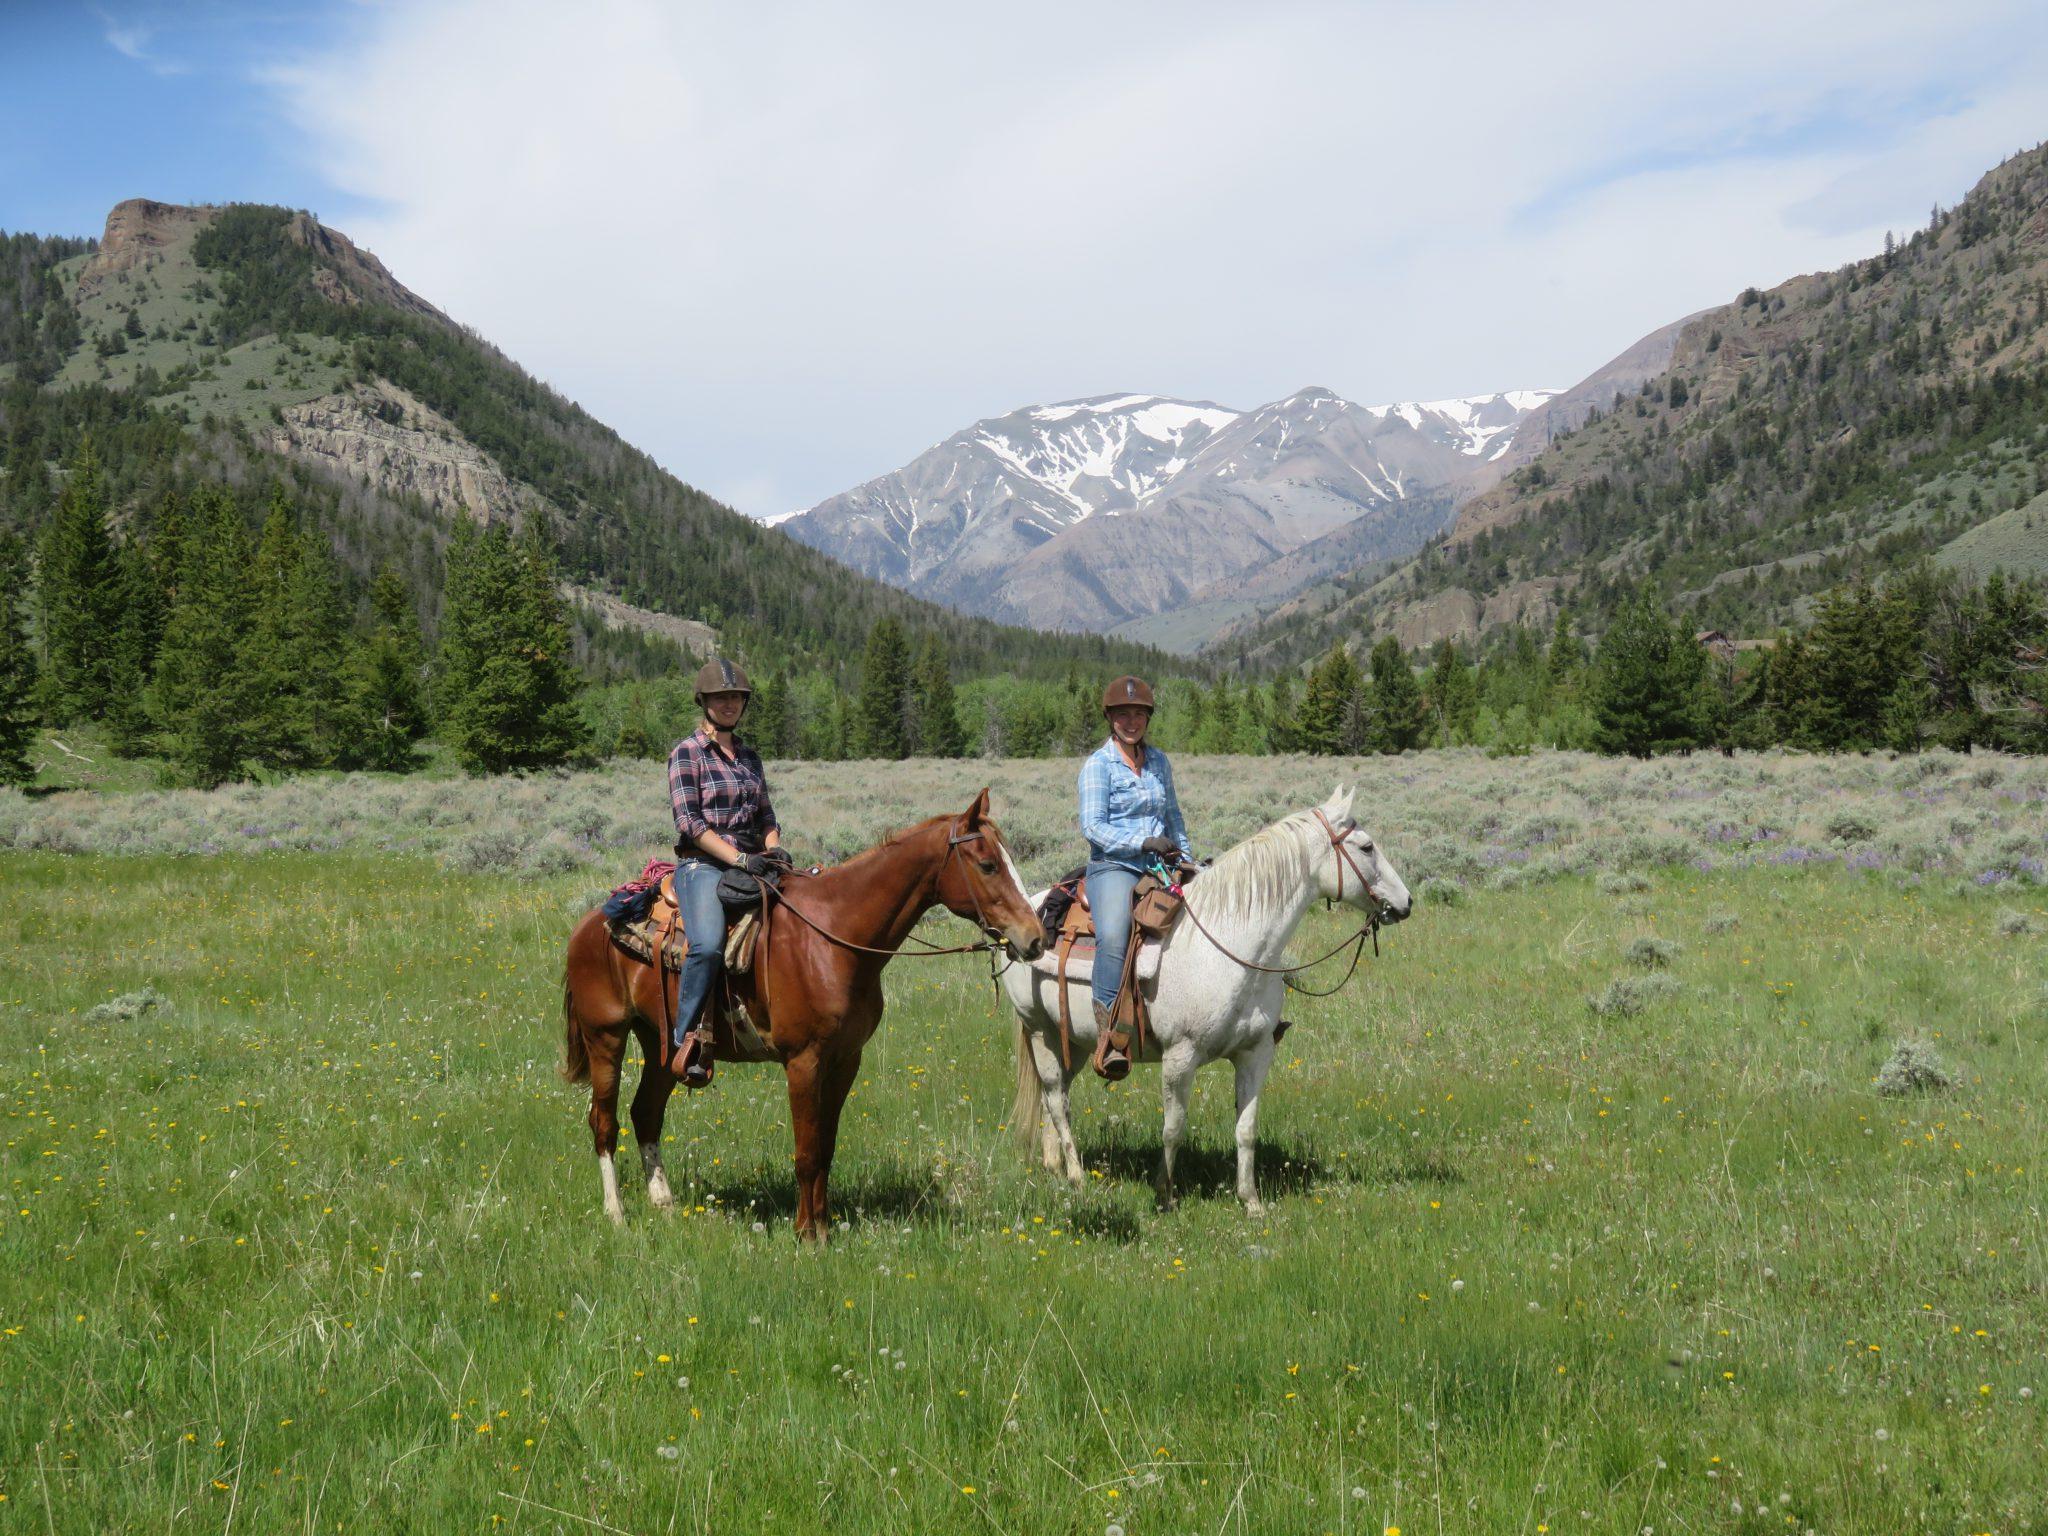 Paarden en ruiters op ranchvakantie in Wyoming